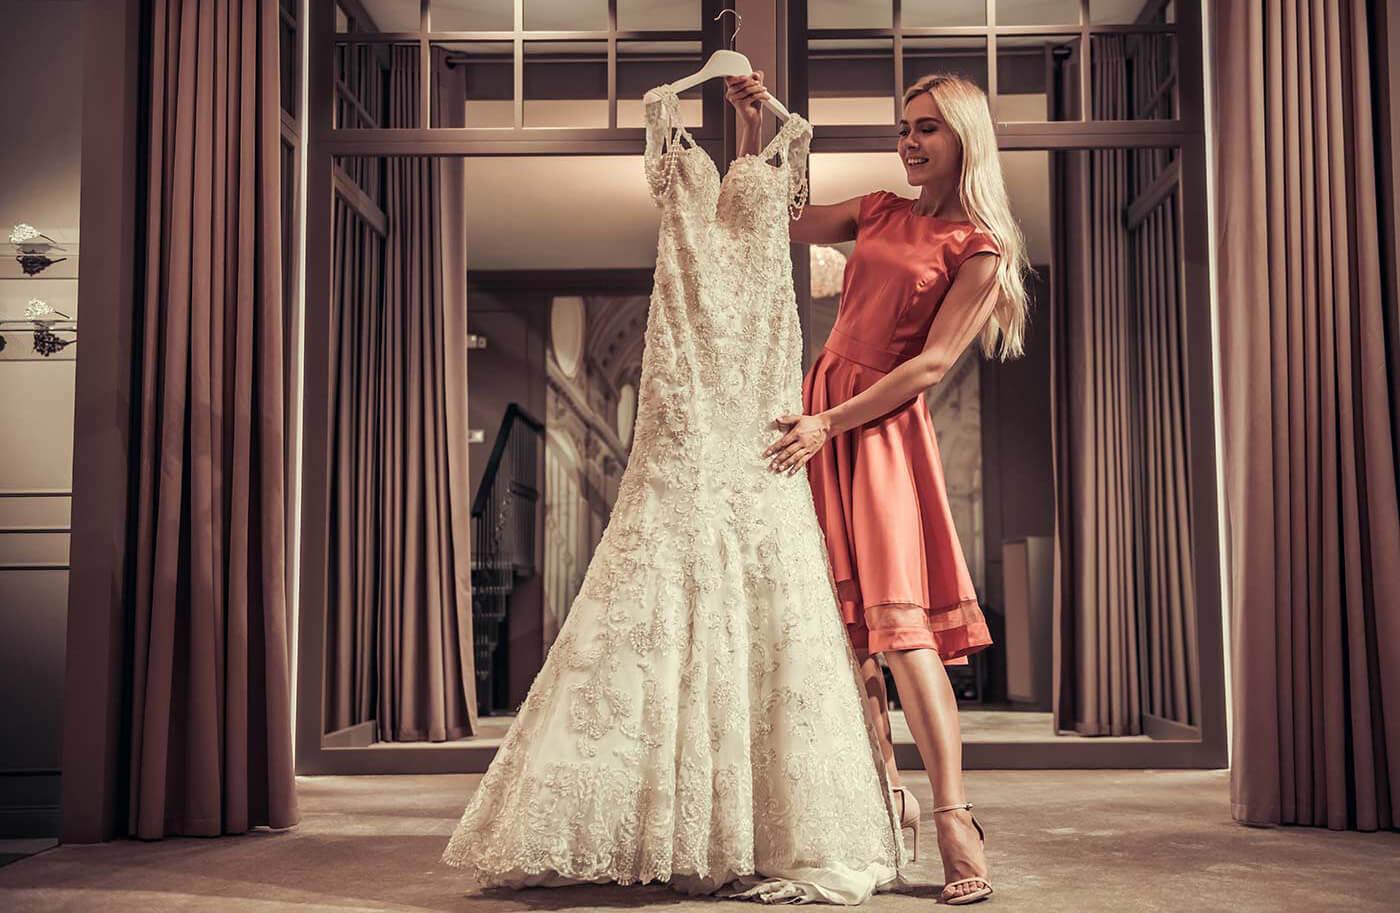 Brautkleid leihen – ist das wirklich günstig? 3 Dinge, die ihr